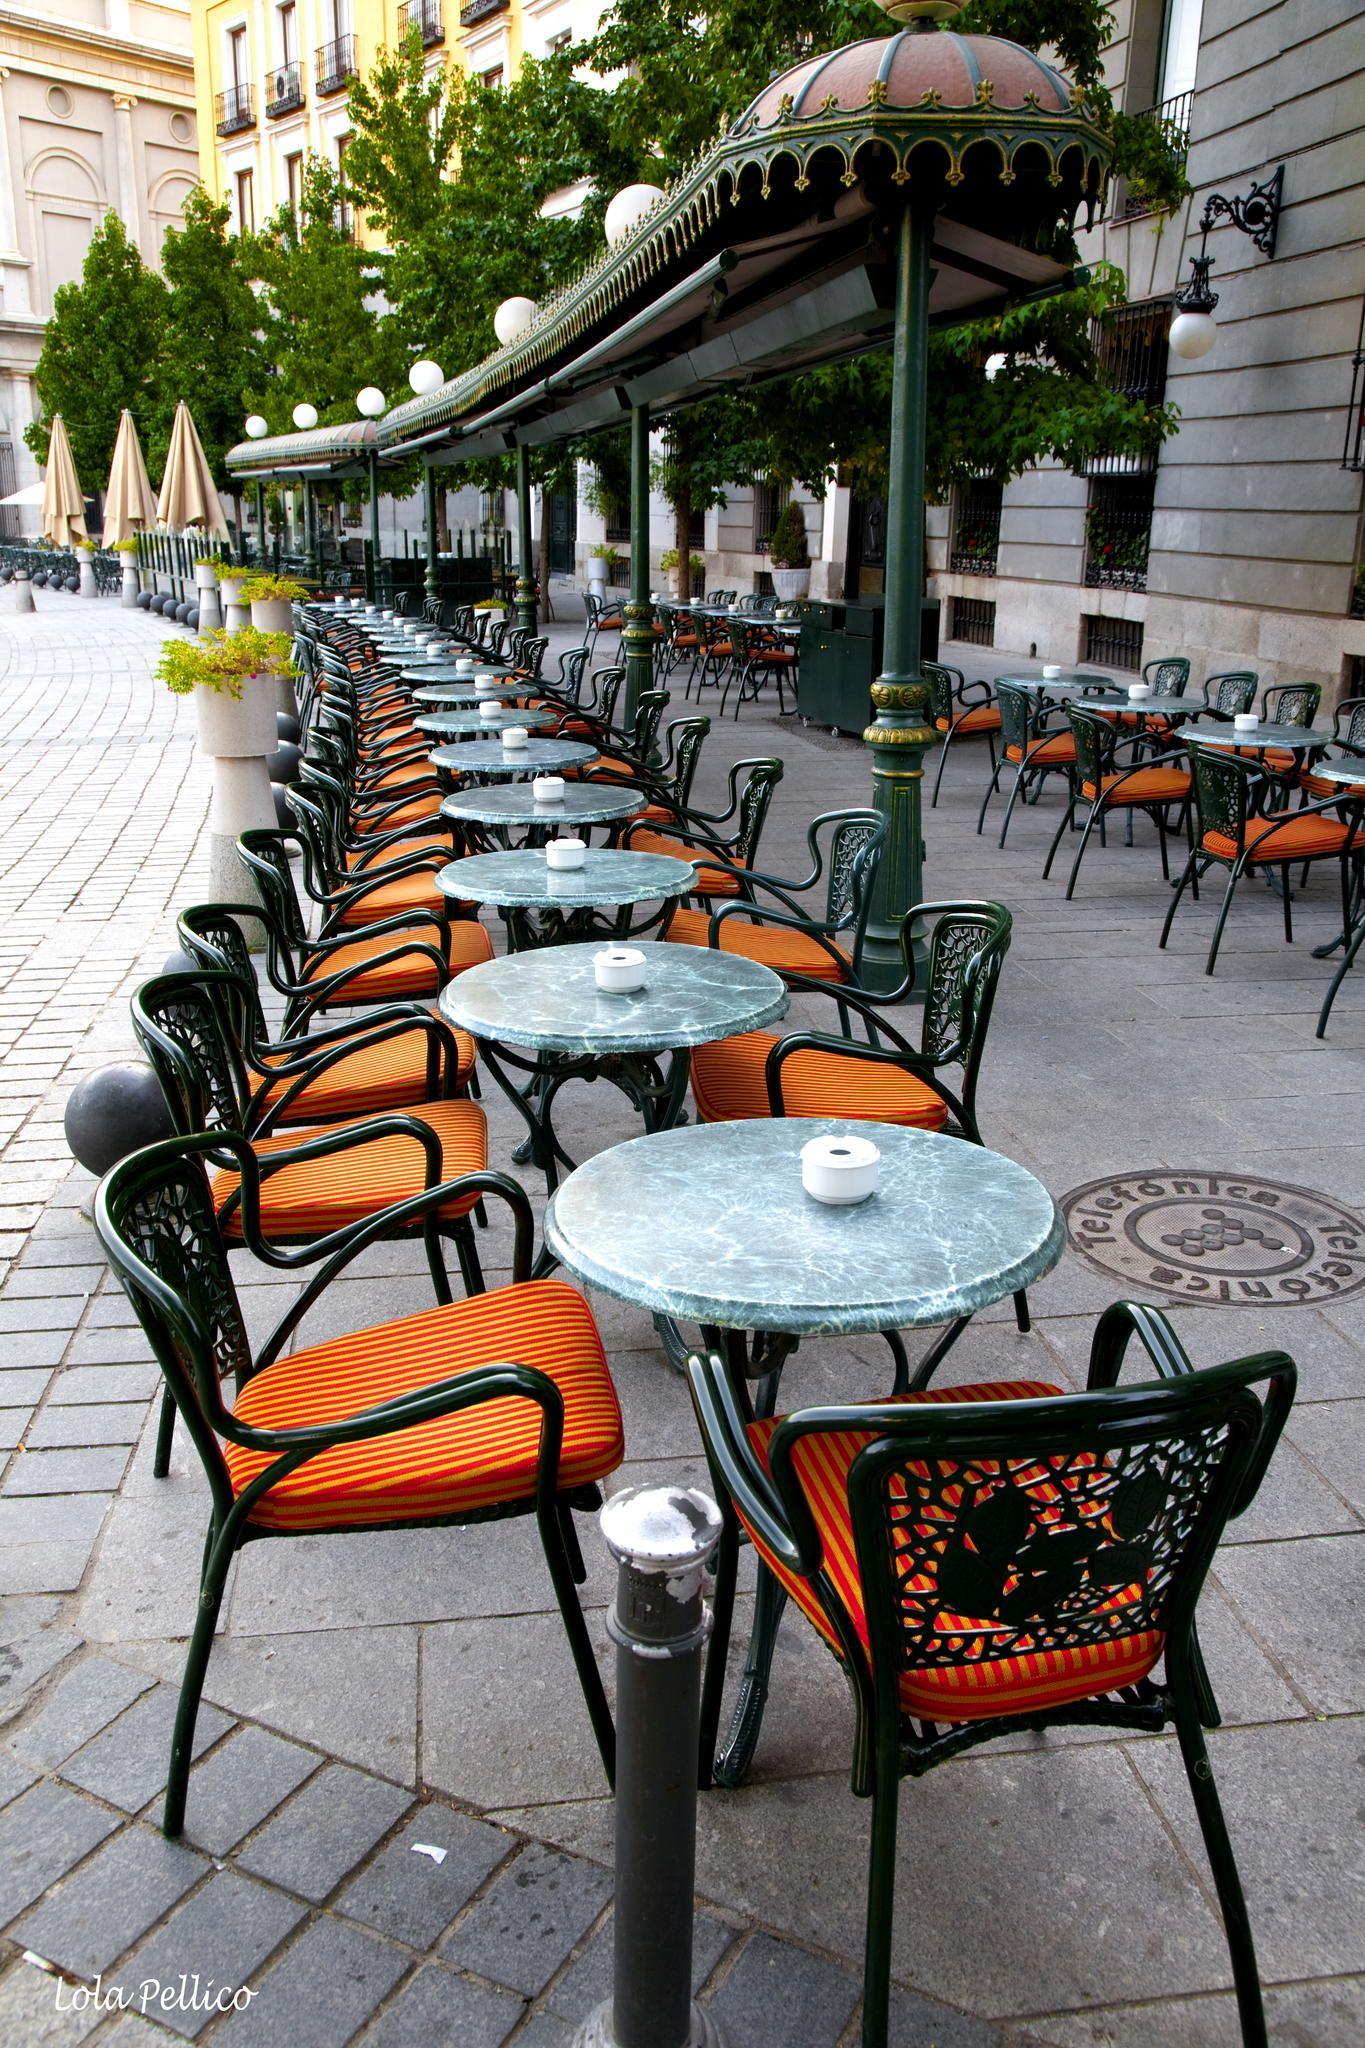 Café de Oriente Madrid - Spain